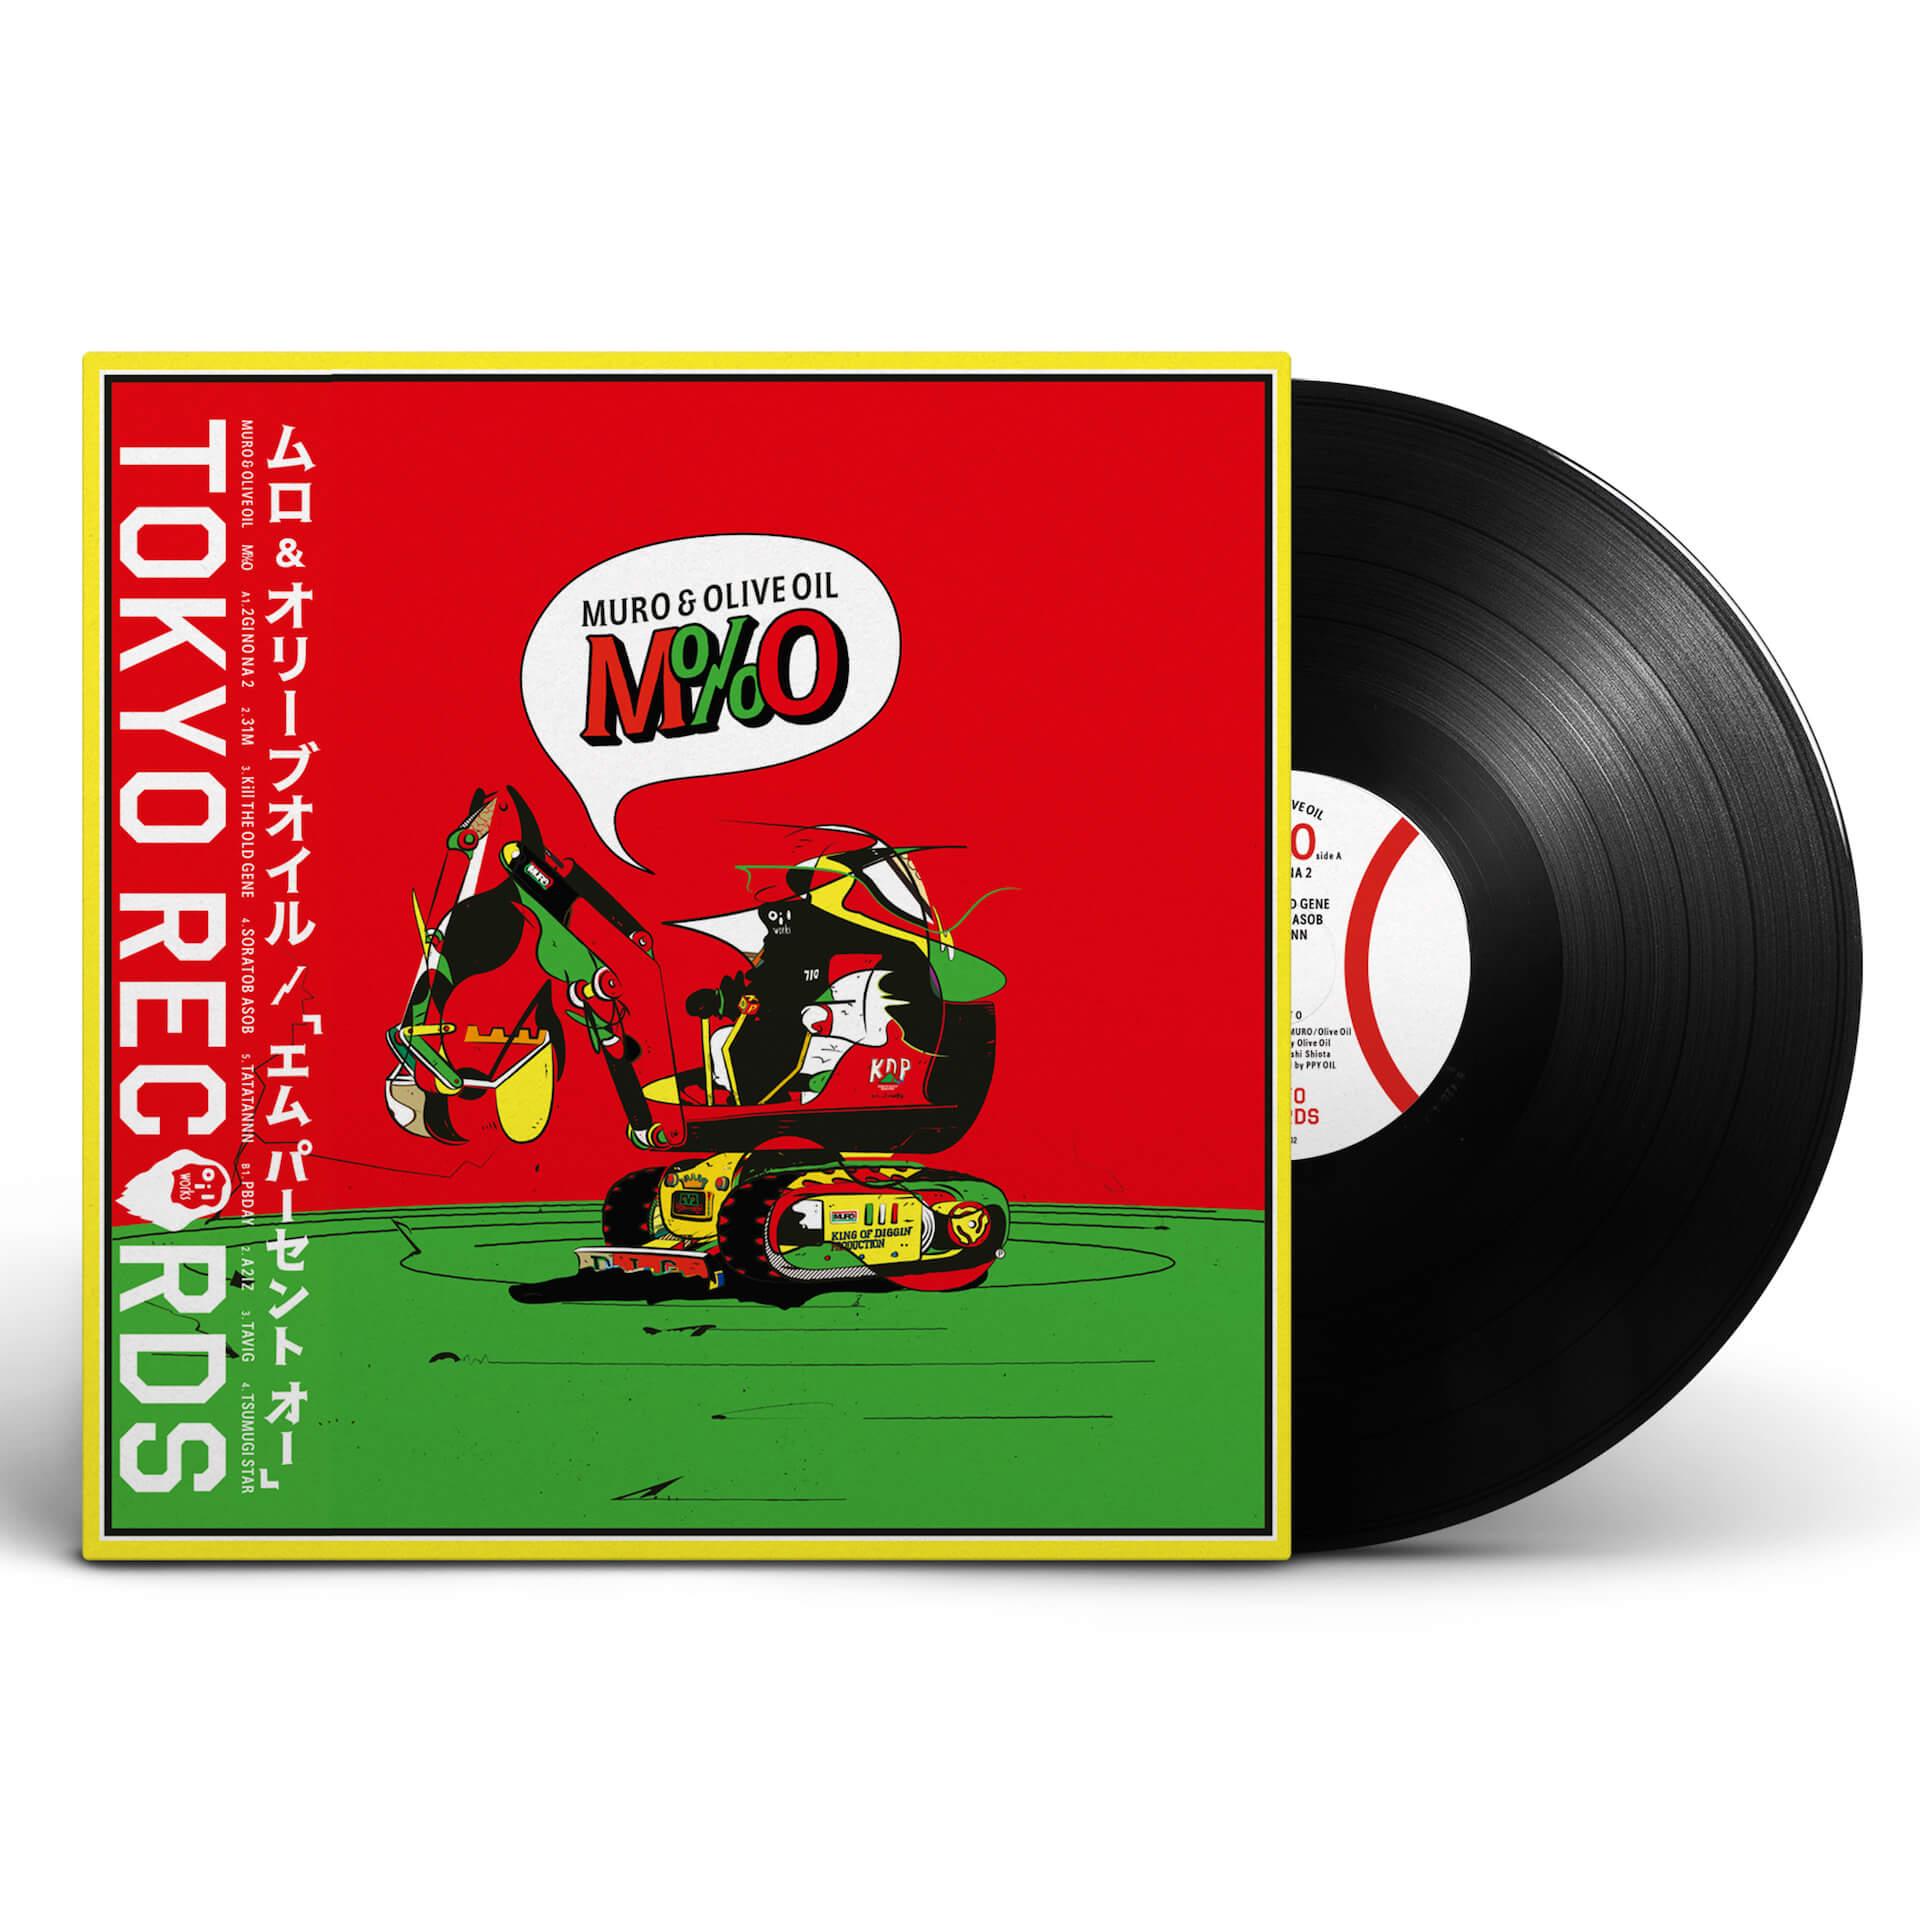 MURO&OLIVE OILによるコラボアルバムが限定LP『M%O』として〈Manhattan Records〉よりリリース! music210521_muro-olive-oil-210521_2